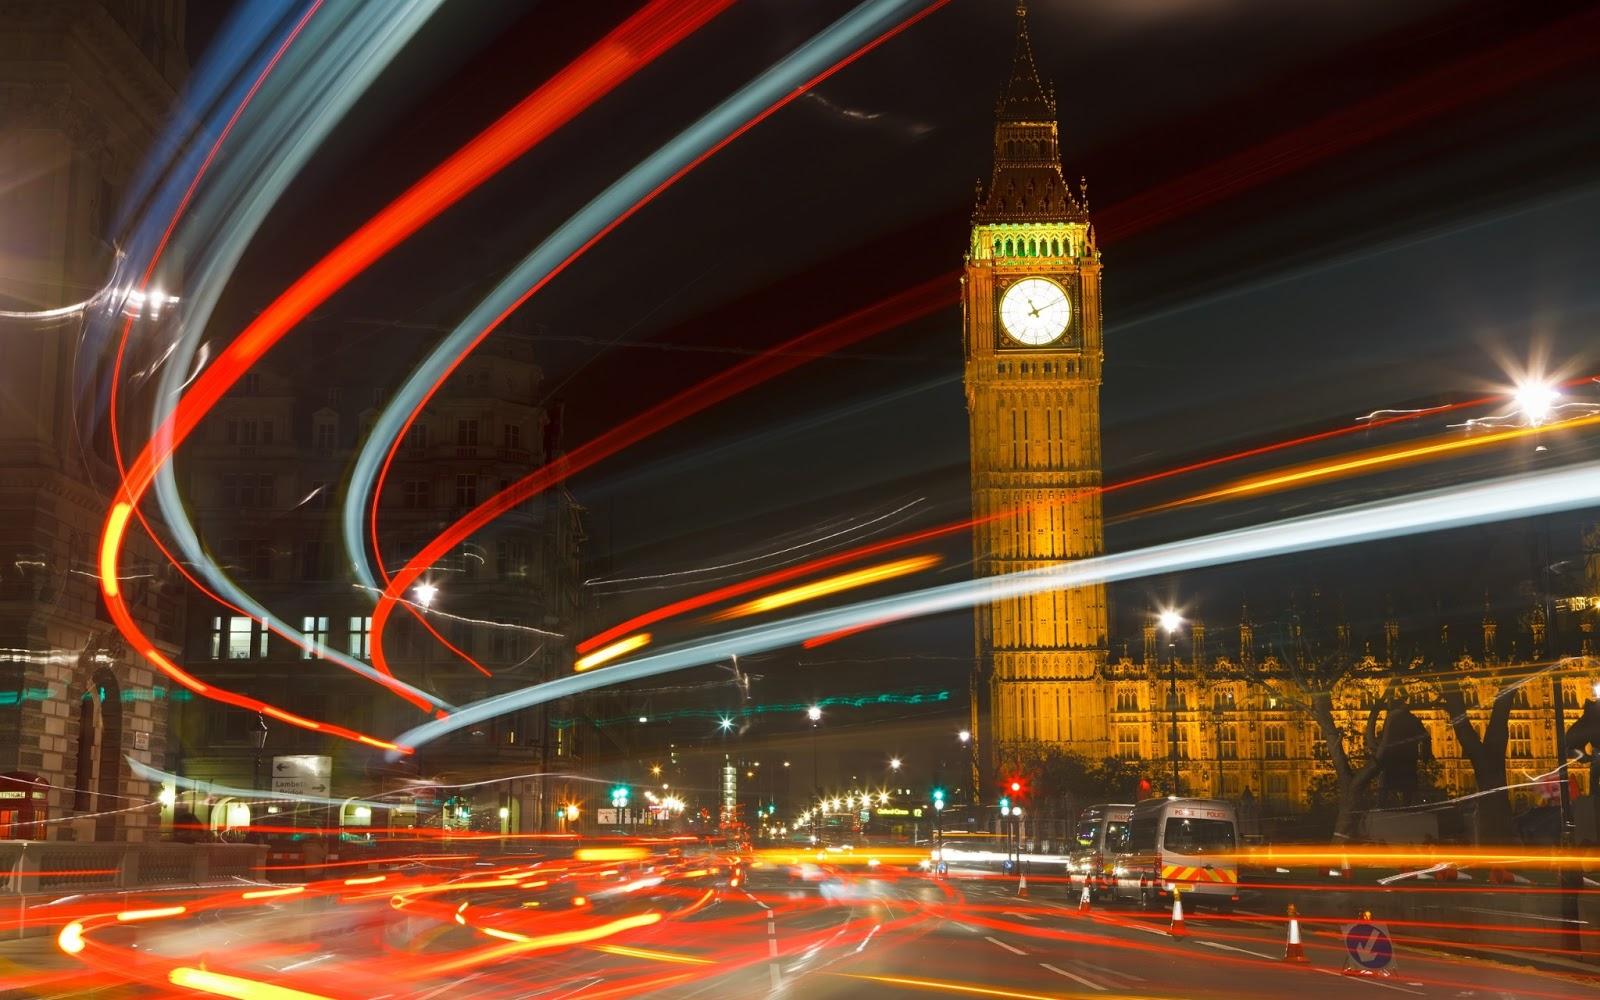 http://2.bp.blogspot.com/-RXotsLXUZkc/UO7IHiDvKhI/AAAAAAAACzs/dKhhxNuz2Sk/s1600/city+london++fine+hd+wallpaper.jpg